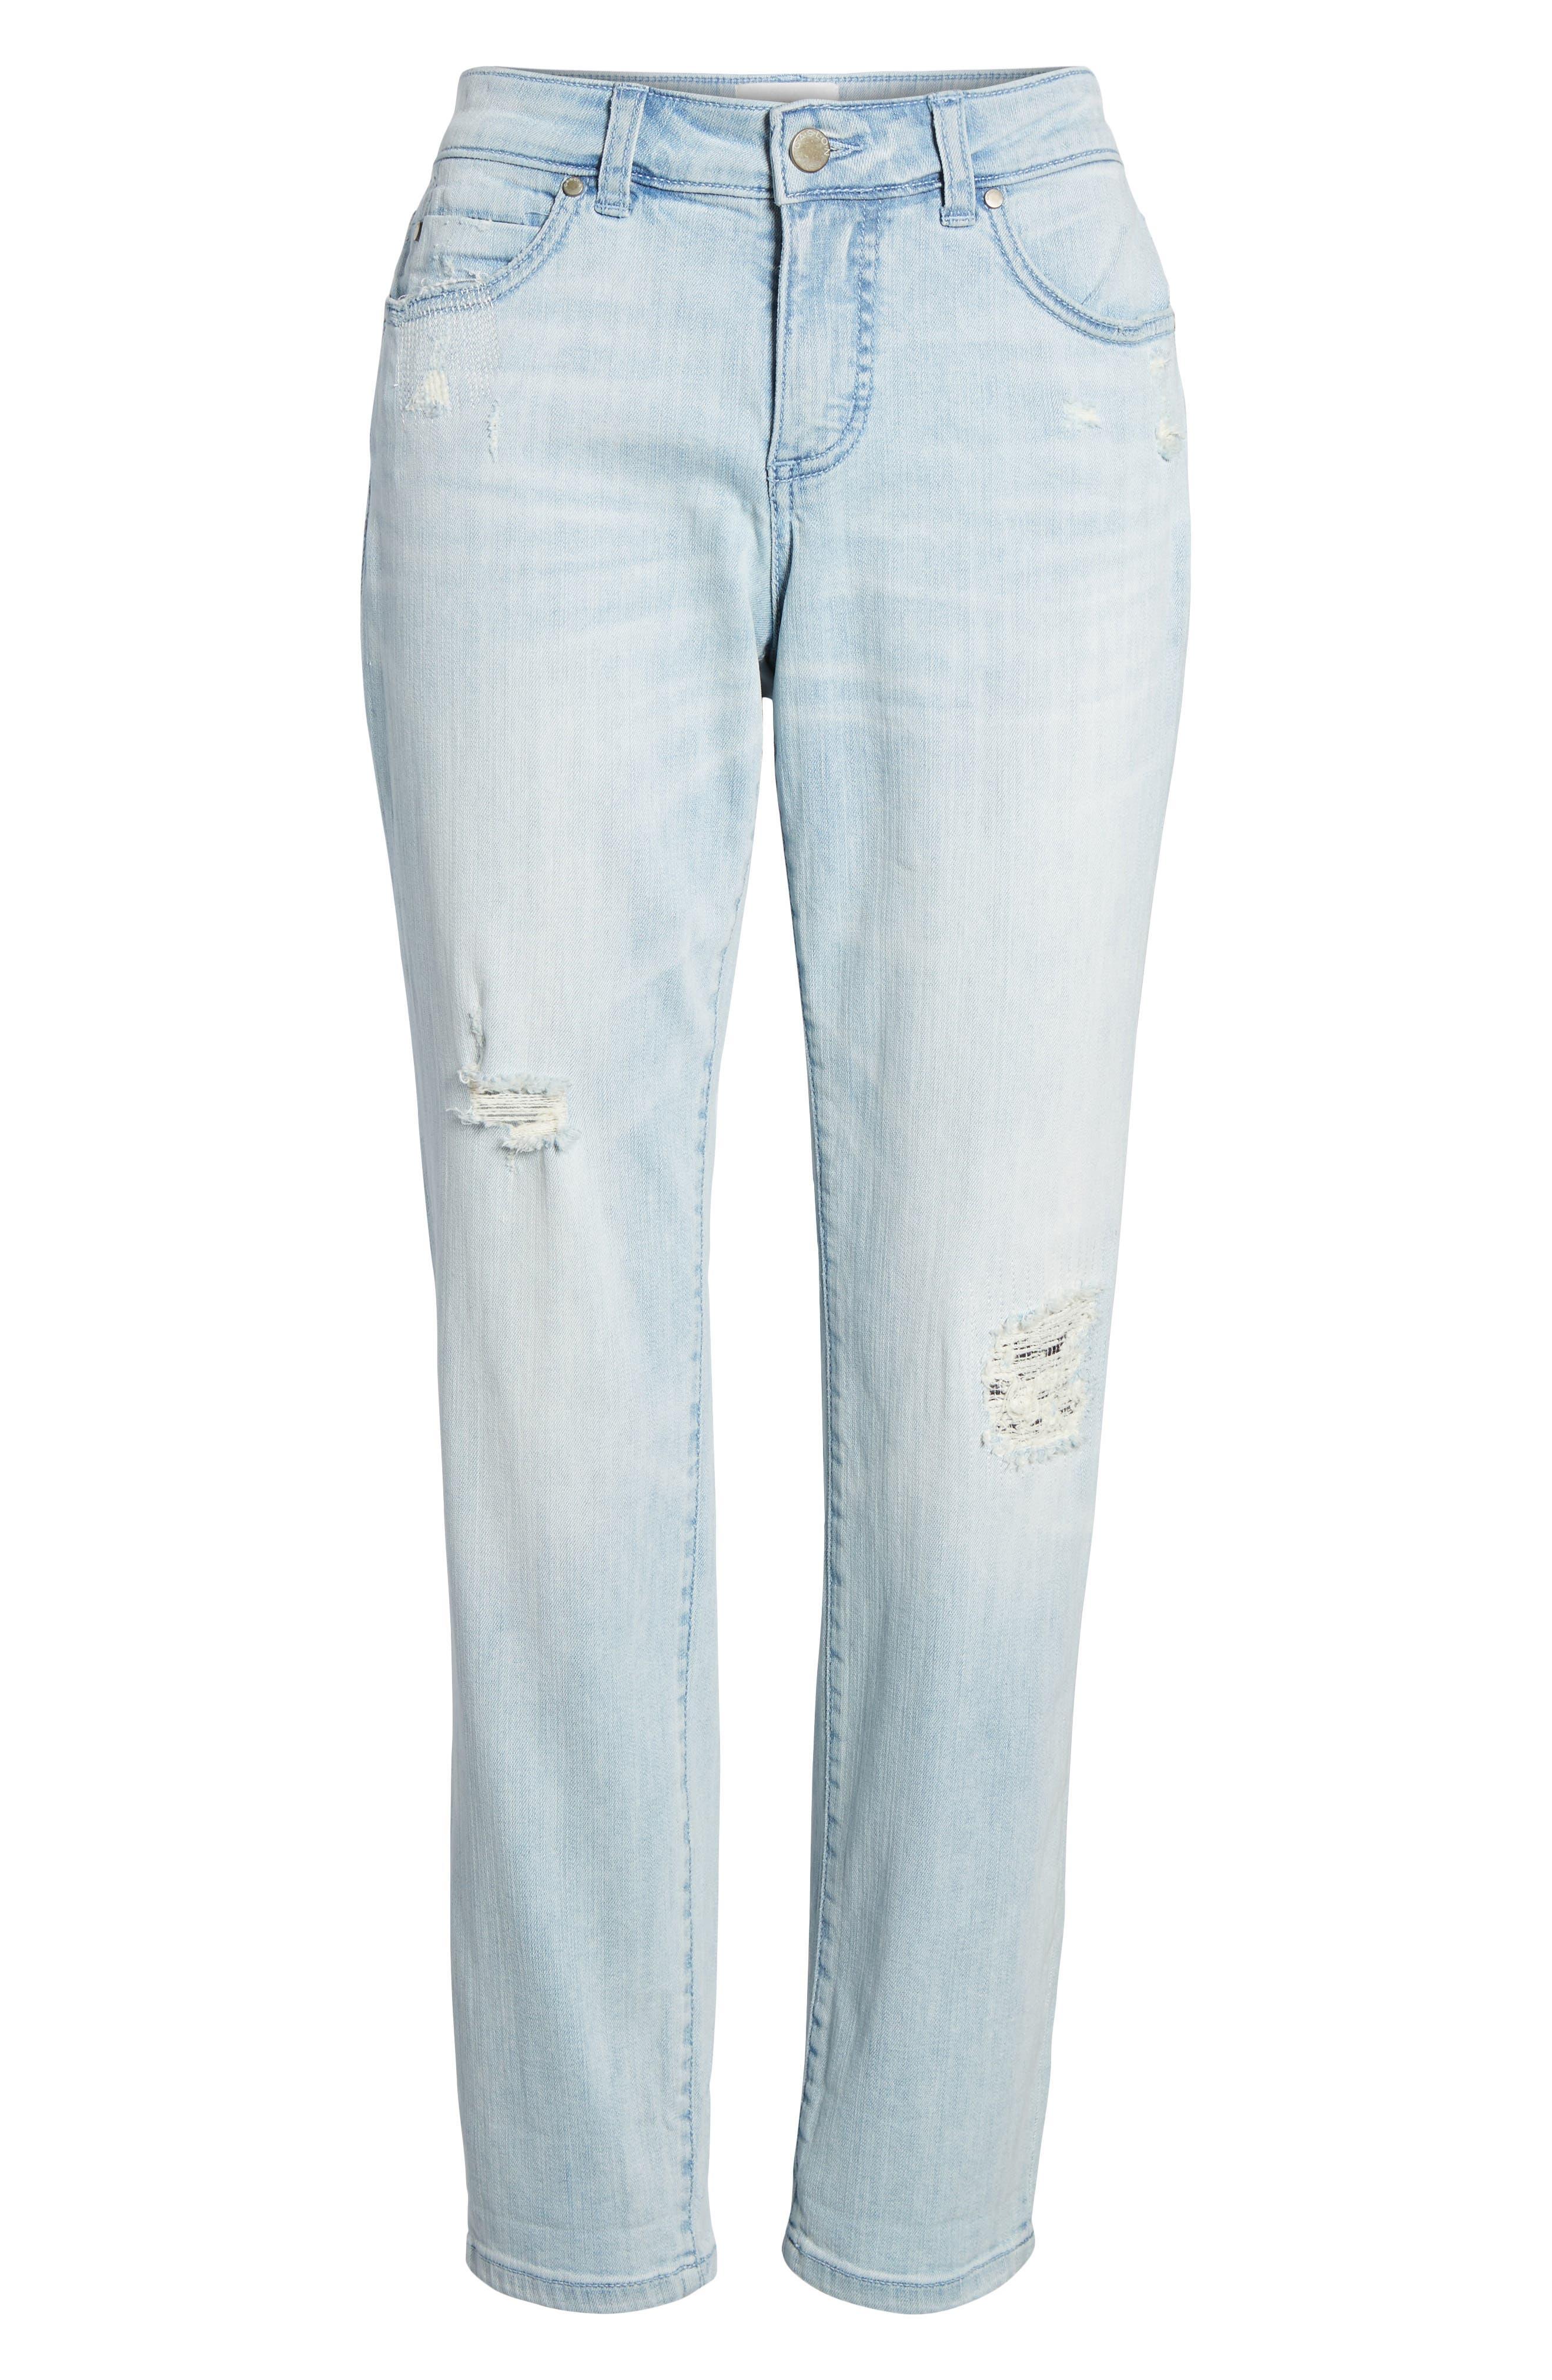 Distressed Boyfriend Jeans,                             Alternate thumbnail 7, color,                             Platinum Light Wash